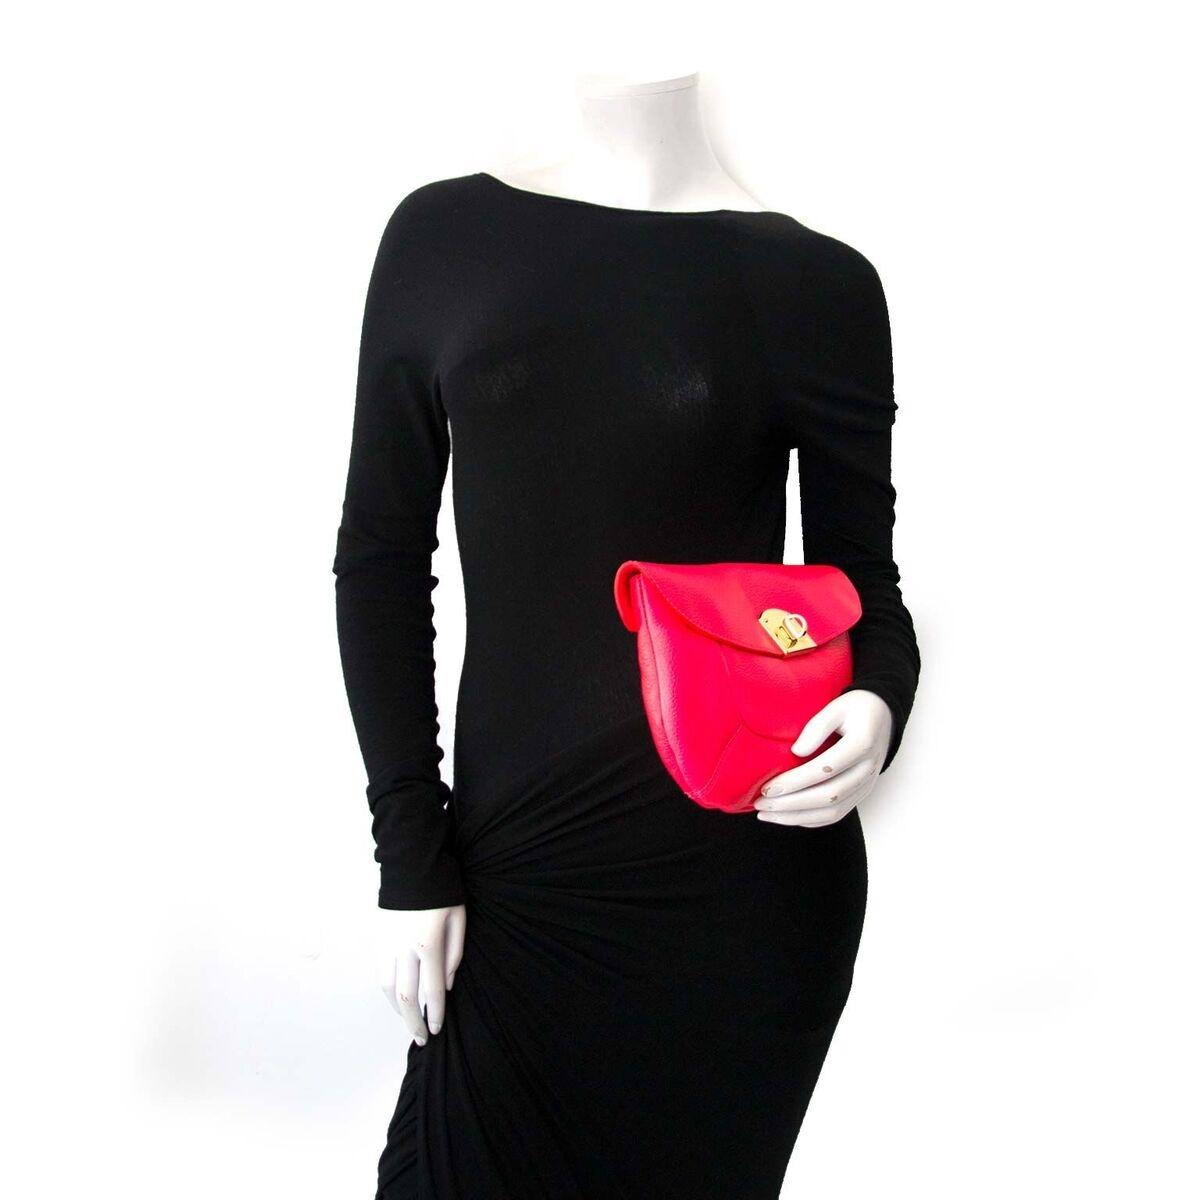 Koop authentieke tweedehands Sergio Rossi clutches aan een eerlijke prijs bij LabelLOV. Veilig online shoppen.